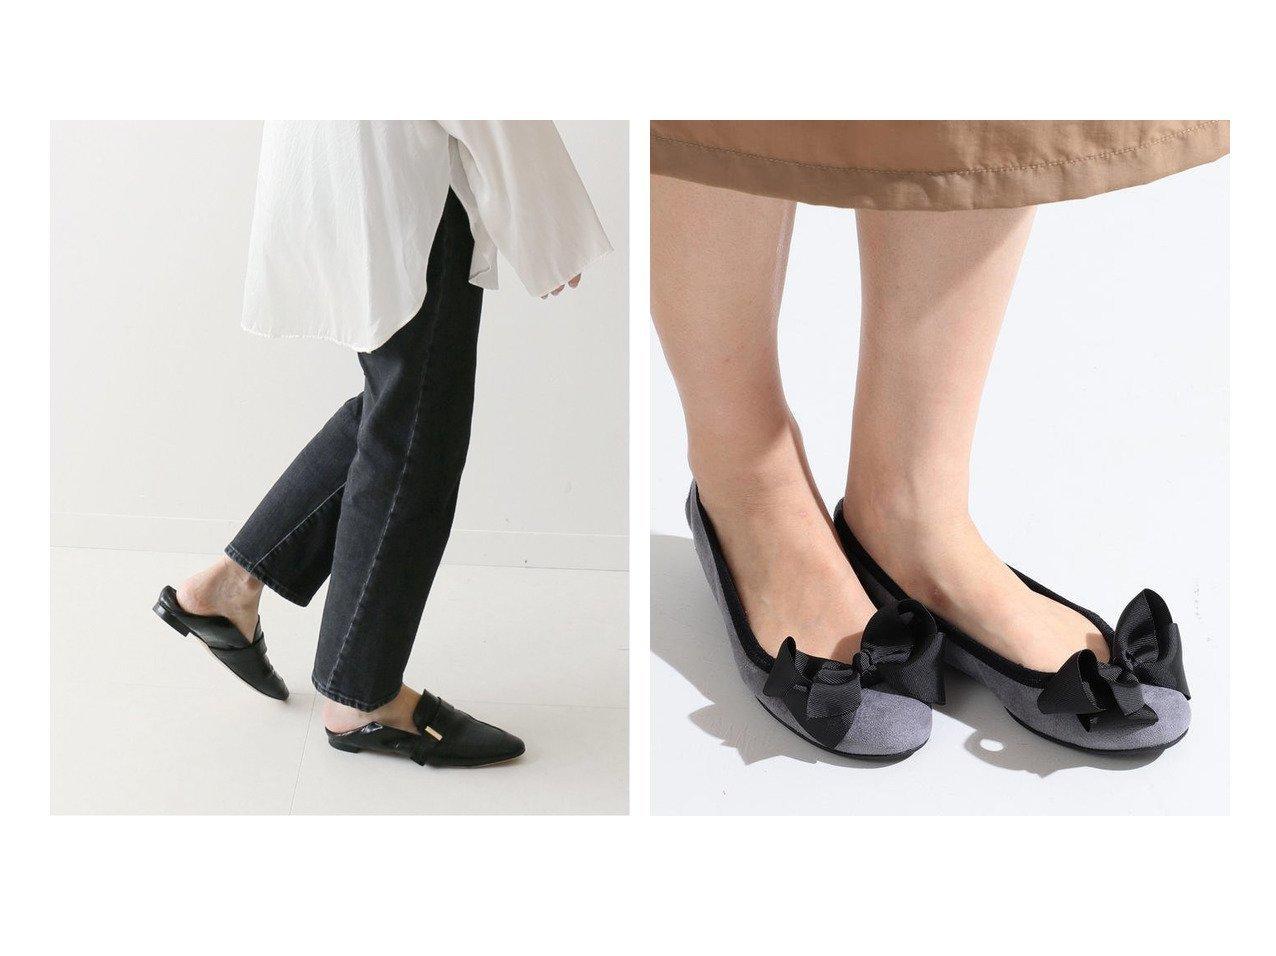 【Ray BEAMS/レイ ビームス】のリボン バレエシューズ&【FRAMeWORK/フレームワーク】の【ブレンタ】クロコカタオシ フラット シューズ・靴のおすすめ!人気、レディースファッションの通販  おすすめで人気のファッション通販商品 インテリア・家具・キッズファッション・メンズファッション・レディースファッション・服の通販 founy(ファニー) https://founy.com/ ファッション Fashion レディース WOMEN ワンピース Dress ドレス Party Dresses A/W 秋冬 Autumn &  Winter イタリア シューズ フラット フランス バランス バレエ フェミニン リボン 人気 |ID:crp329100000004098